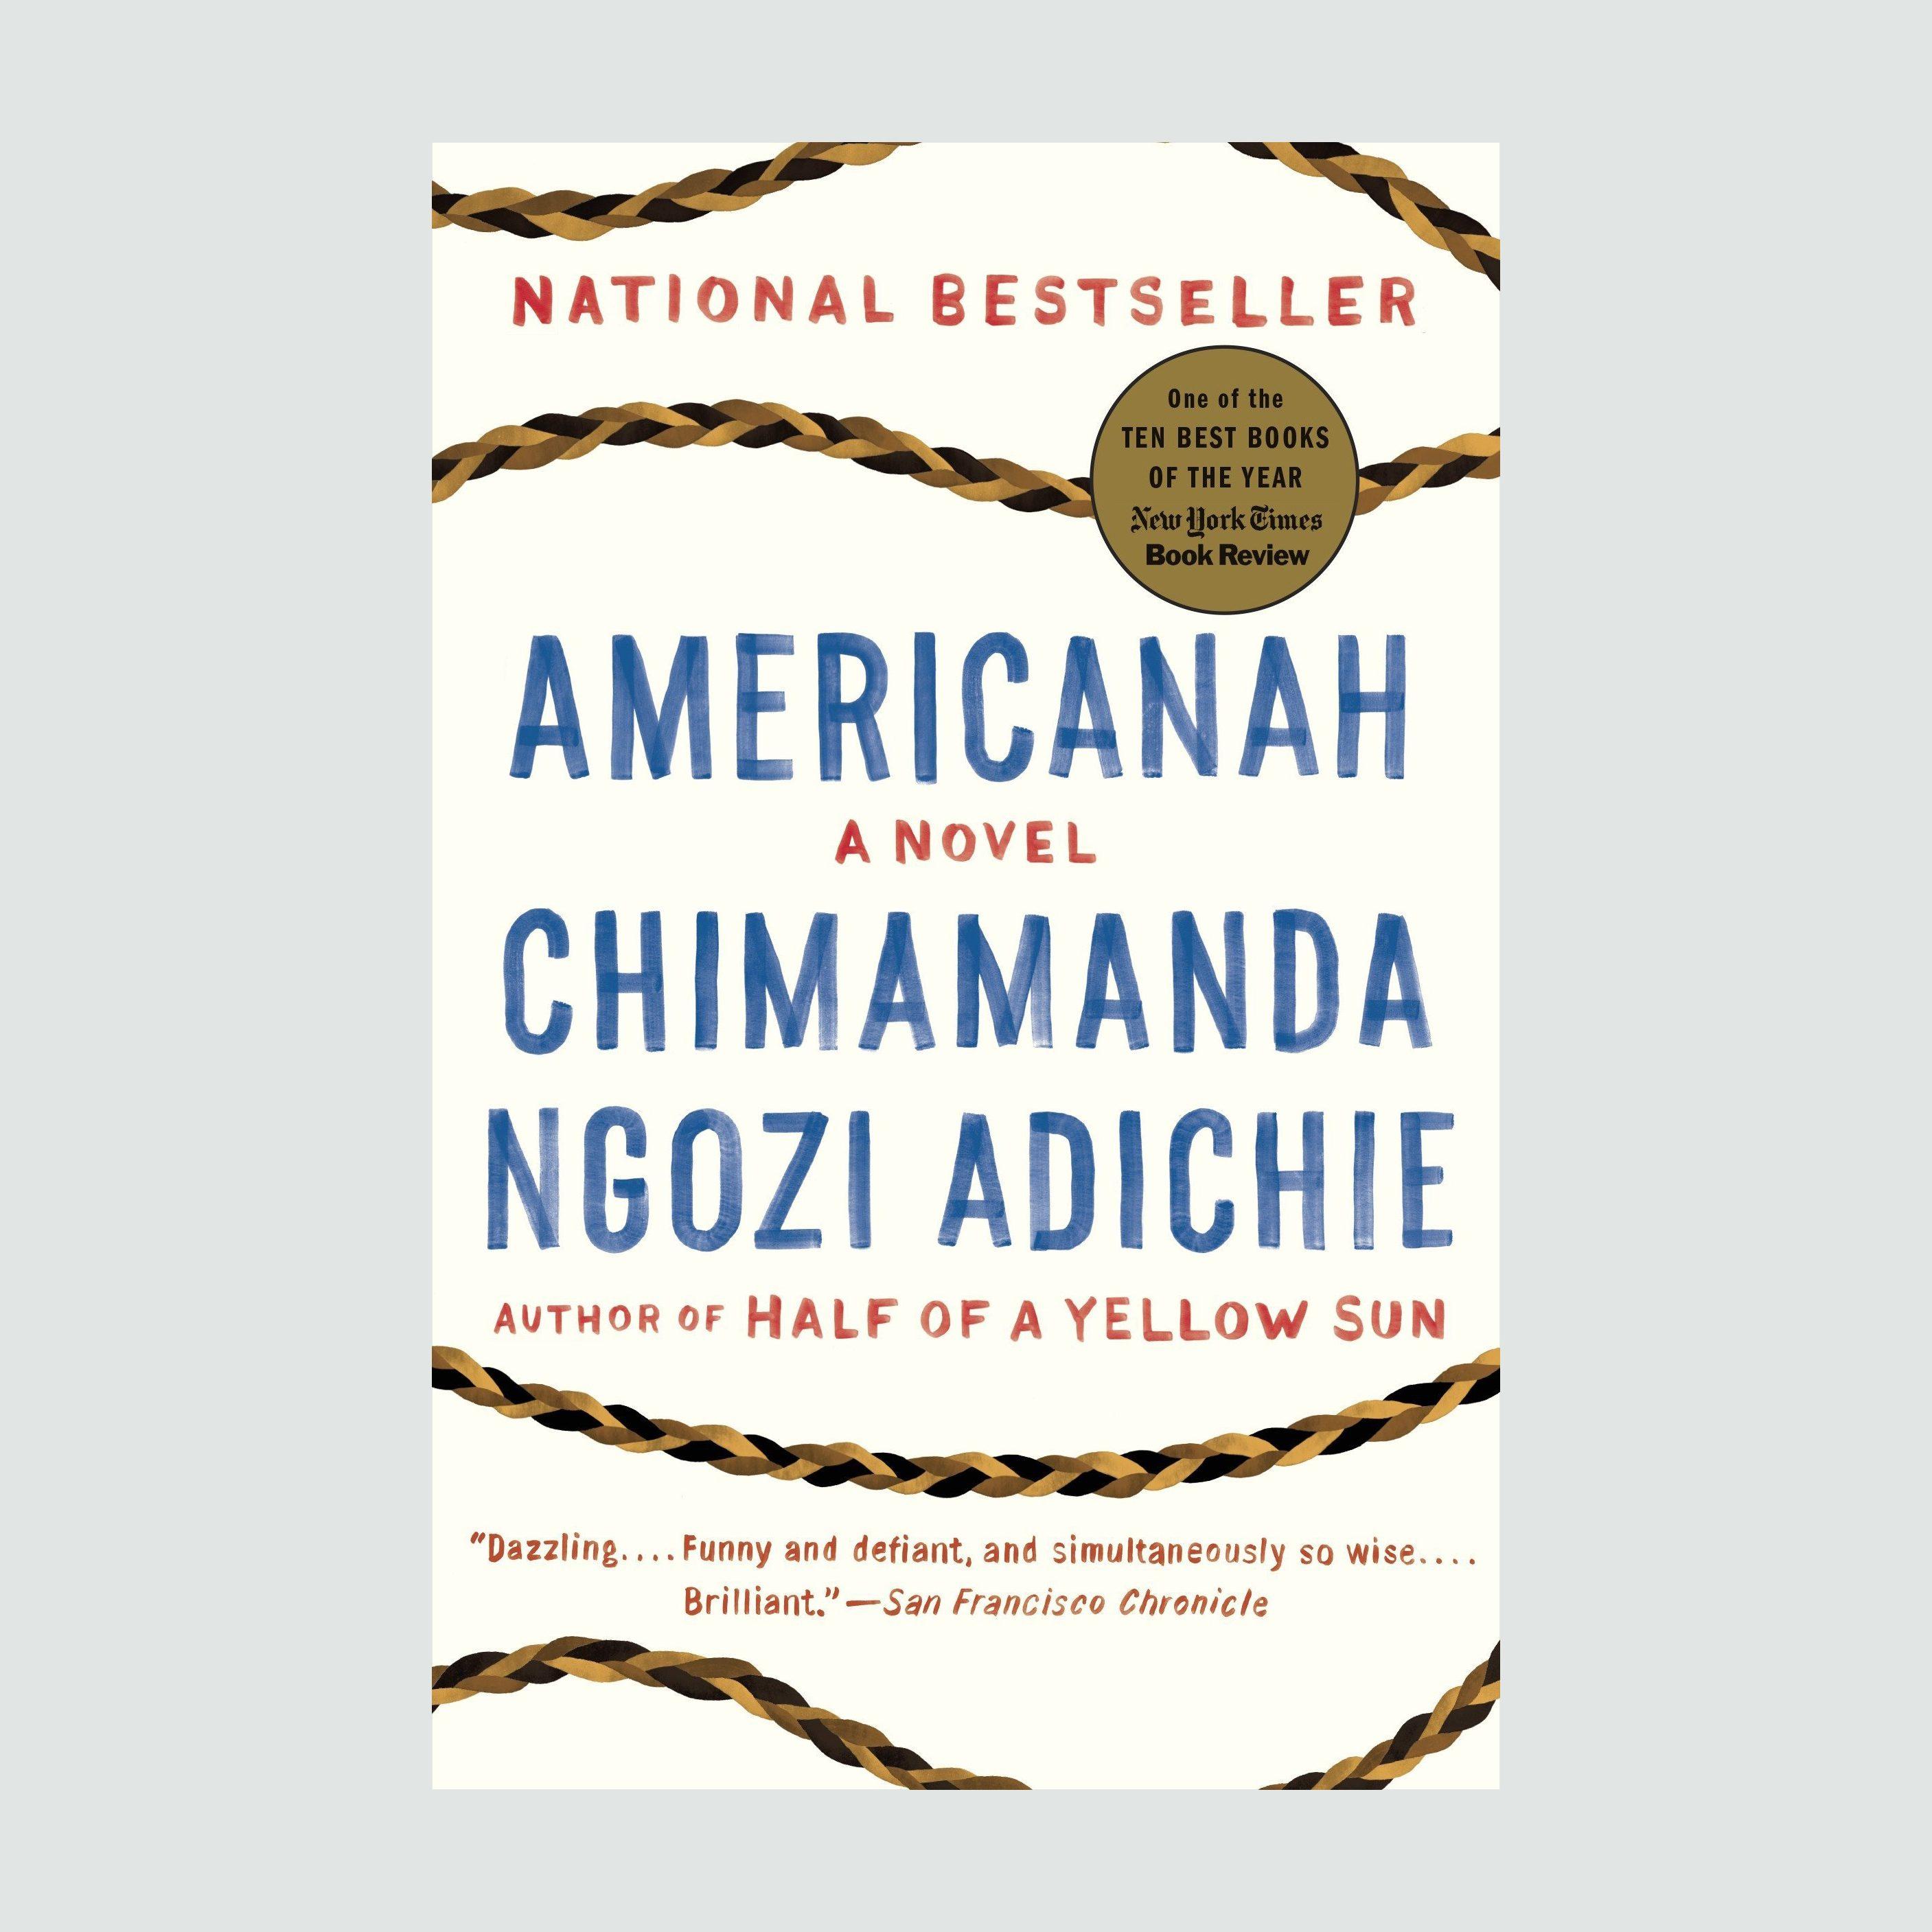 Americanahby Chimamanda Ngozi Adichie book